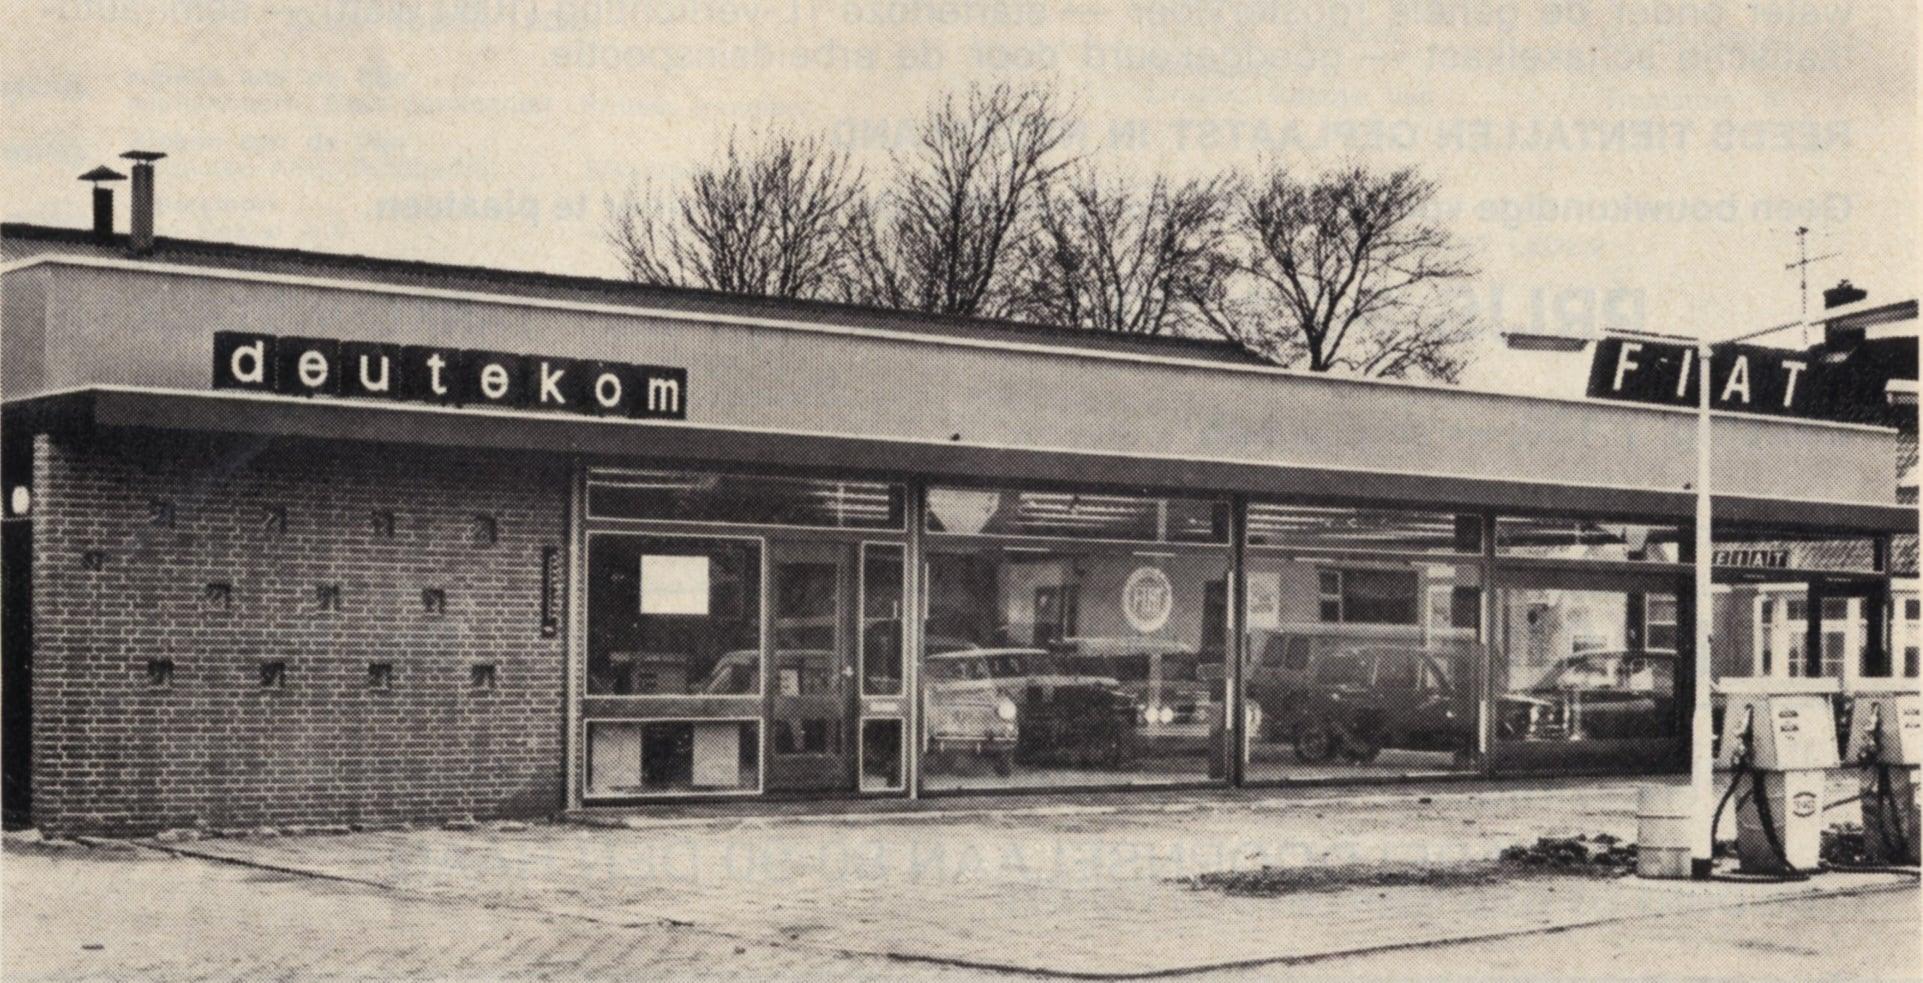 FIAT-garage-Deutekom-Schagen-